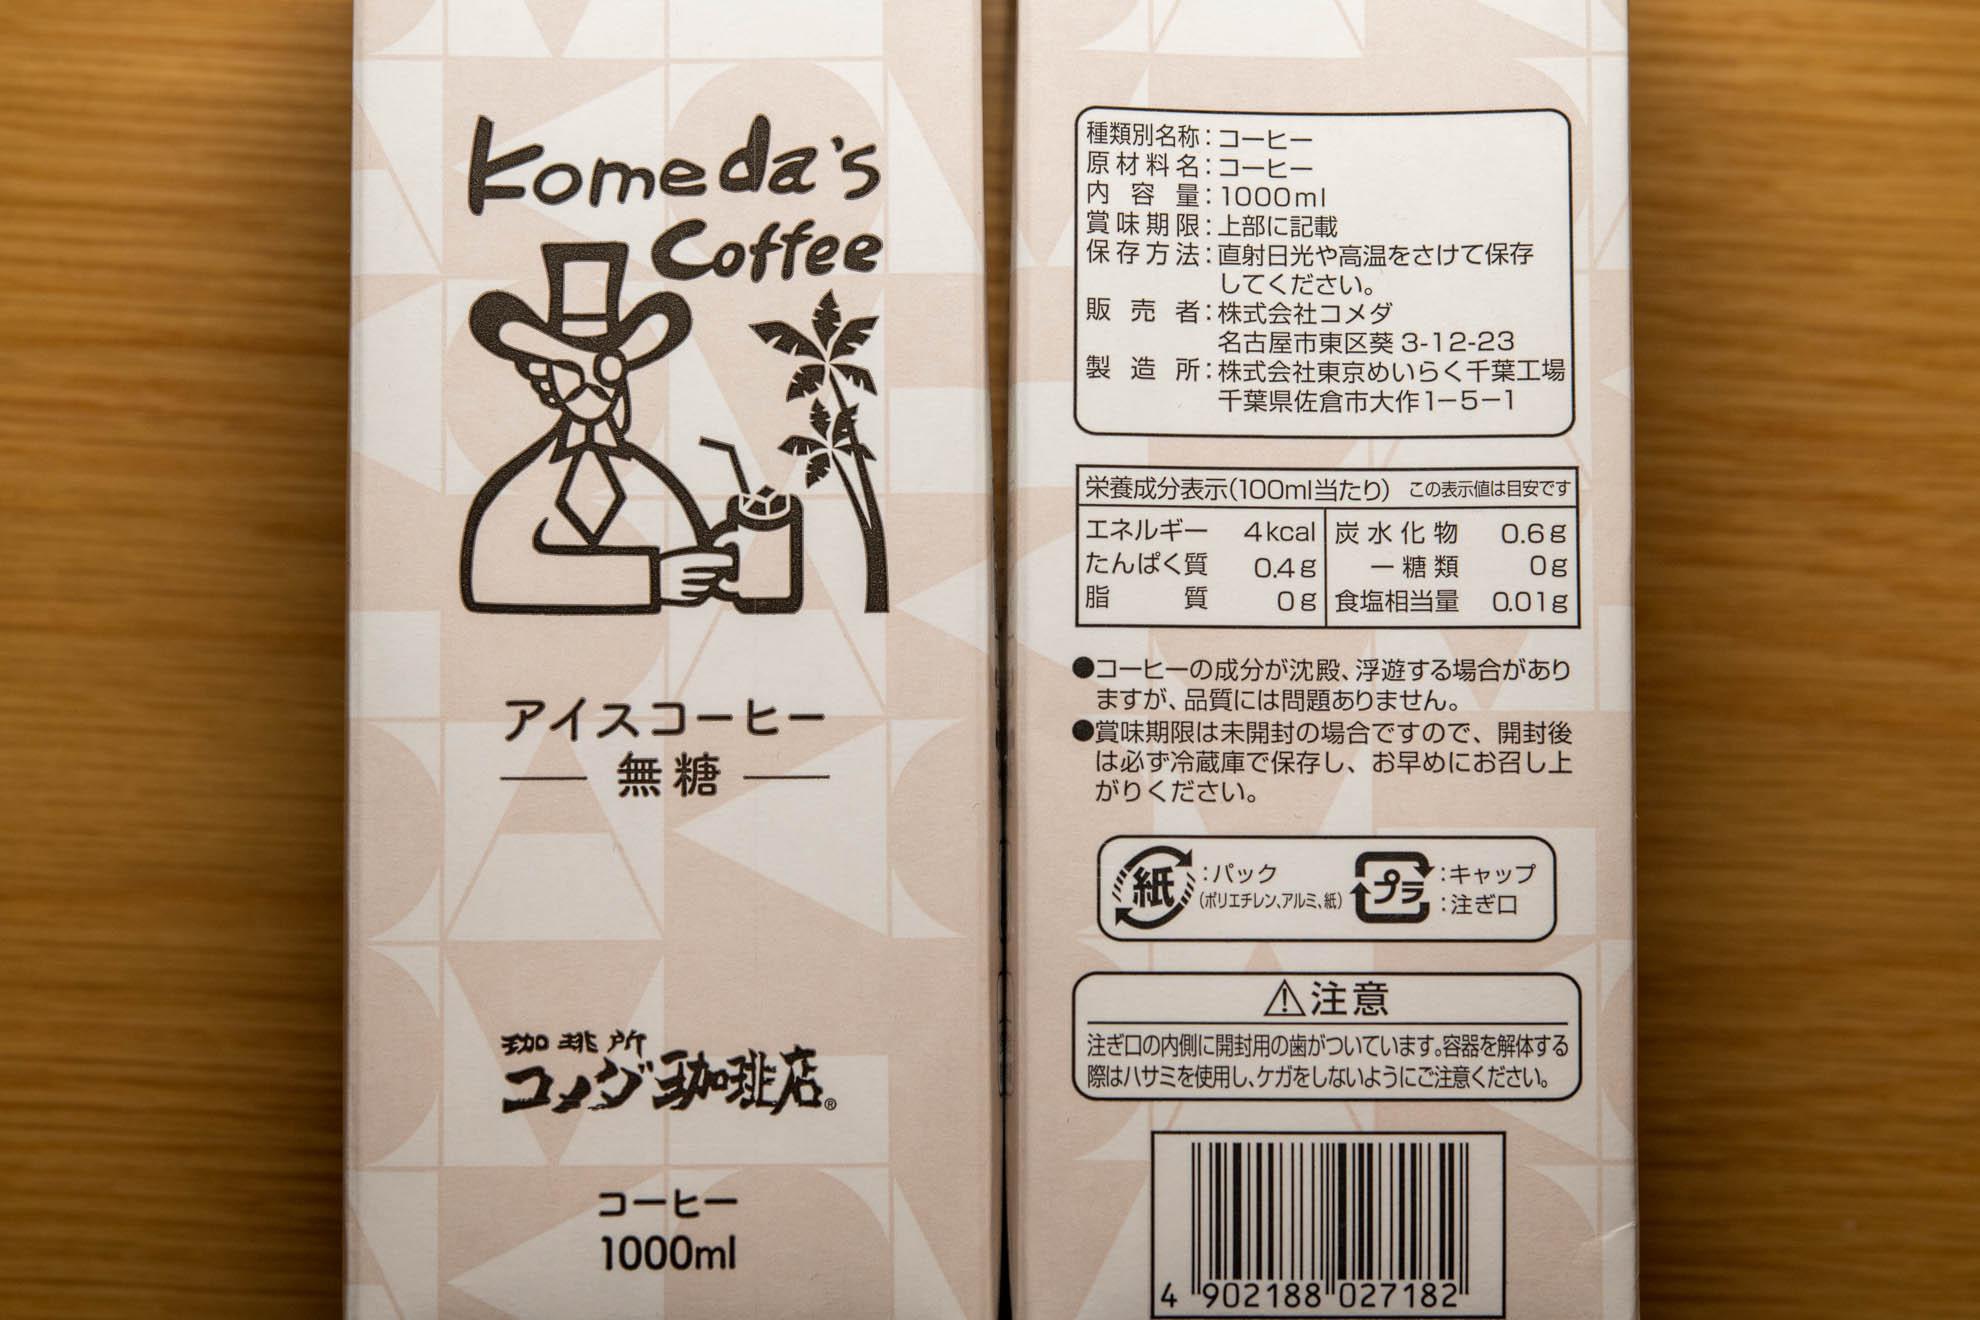 【買ったよ!】コメダ珈琲のサマーバッグ2020について〜今俺は、付録のアイスコーヒーを飲みながら綴っている〜